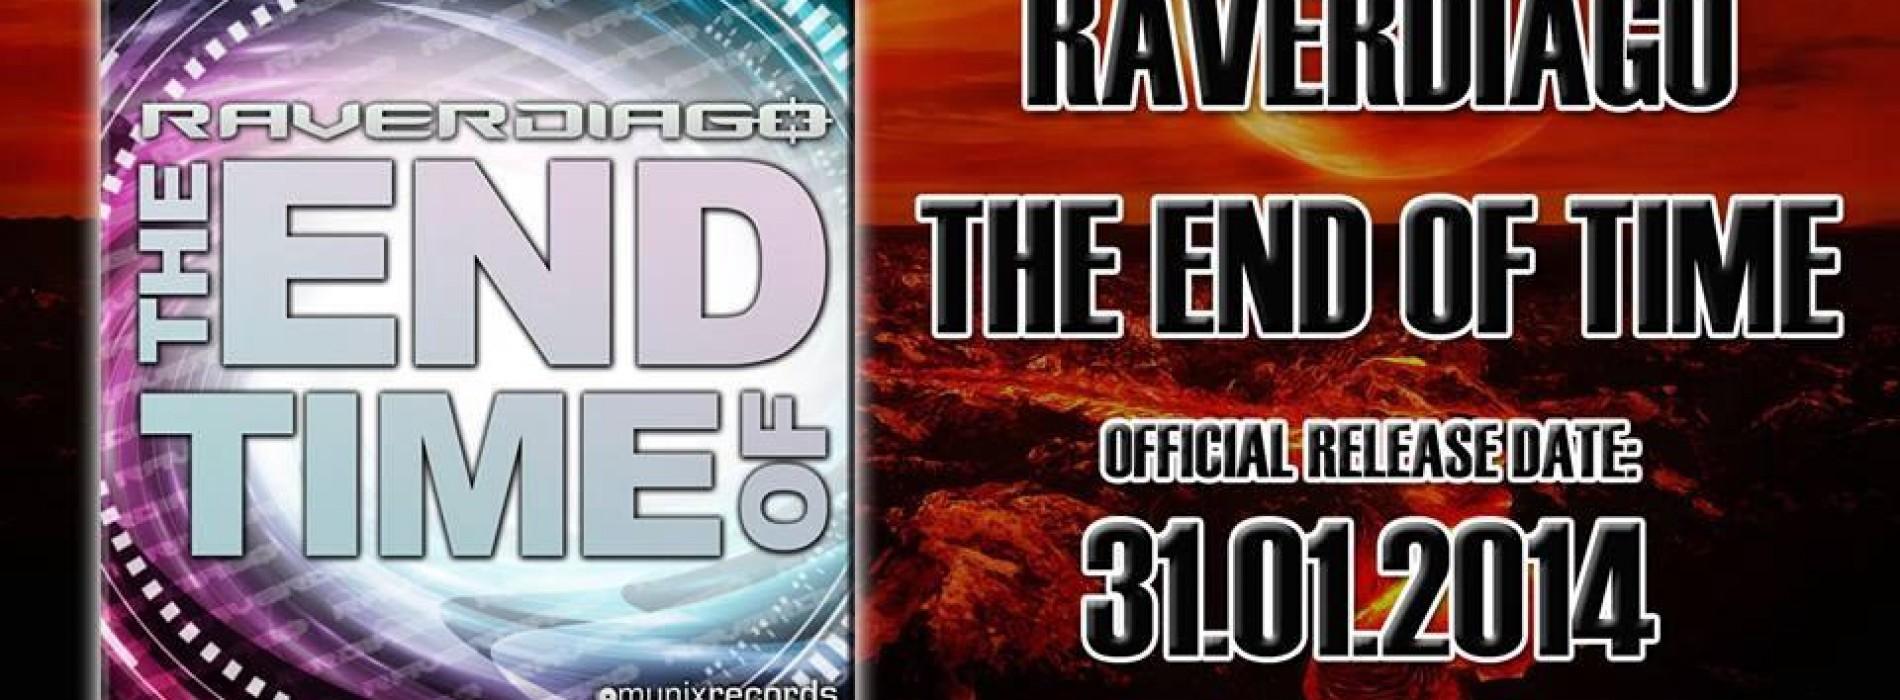 Raverdiago: The End Of Time